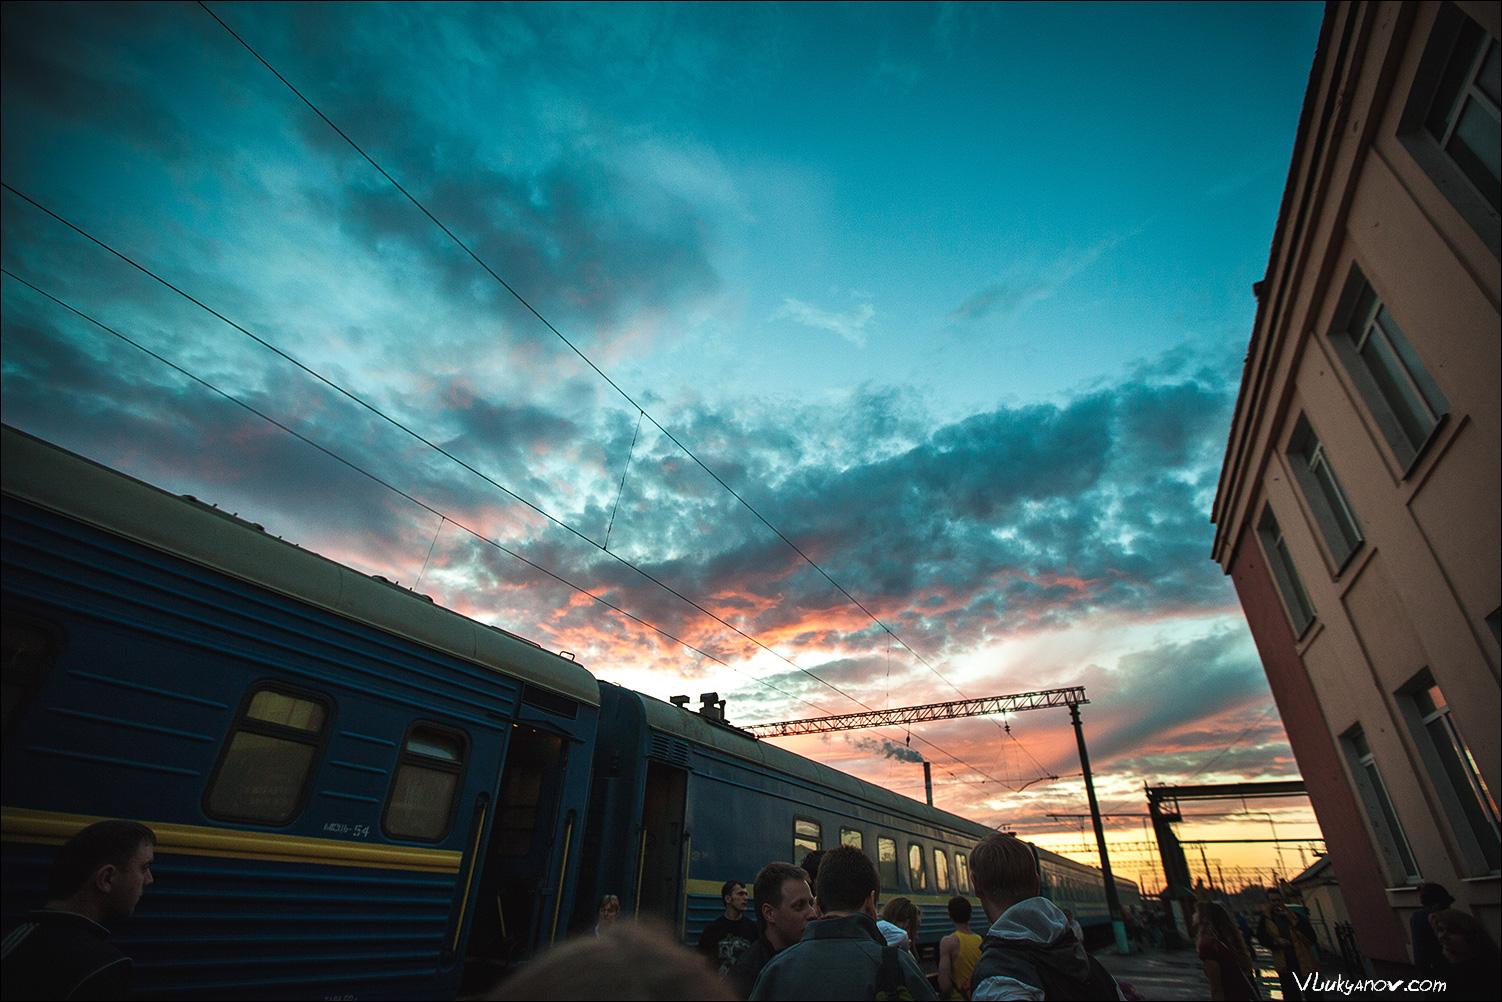 Фотограф, Москва, Владимир Лукьянов, поход, Крым